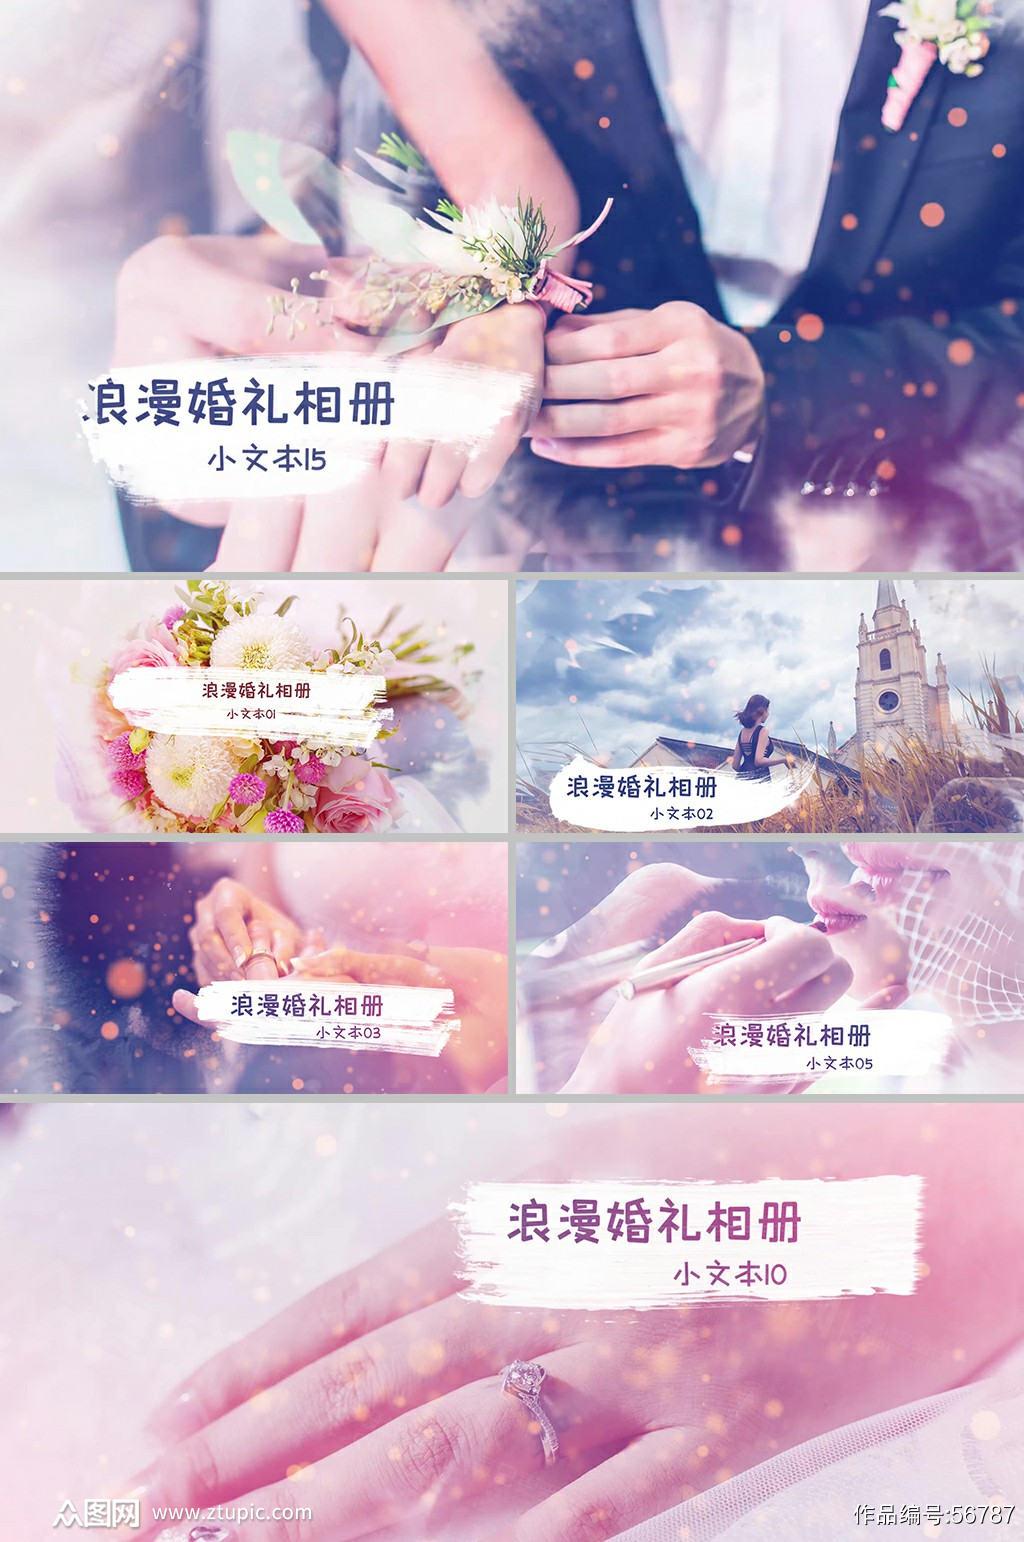 中国风水墨婚礼AE模板素材